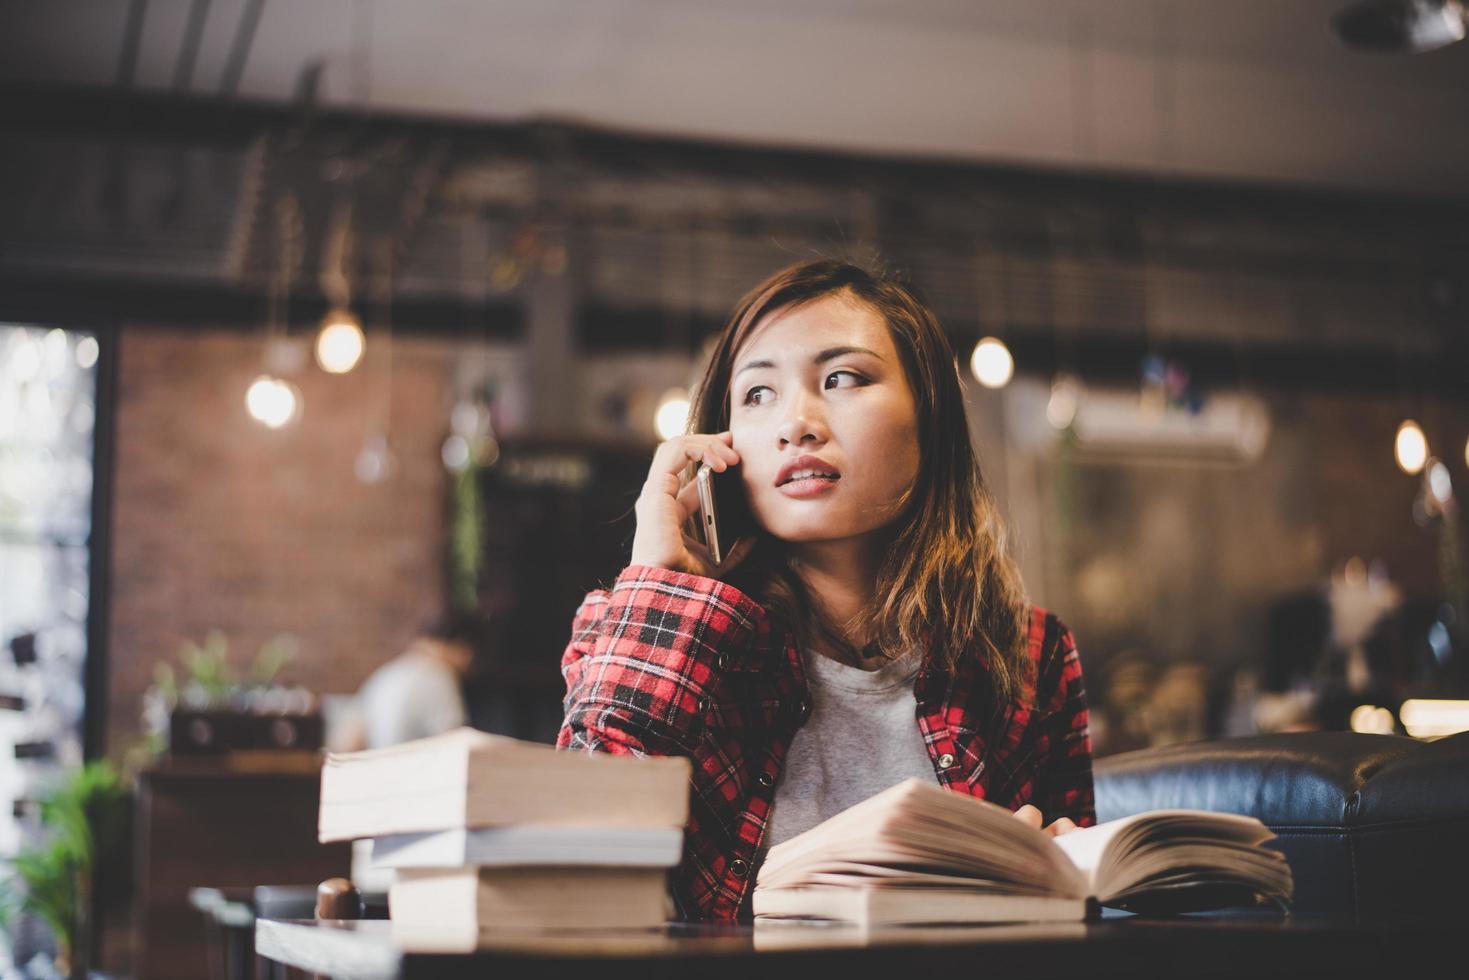 adolescente hipster seduto e godendo di un libro in un caffè foto